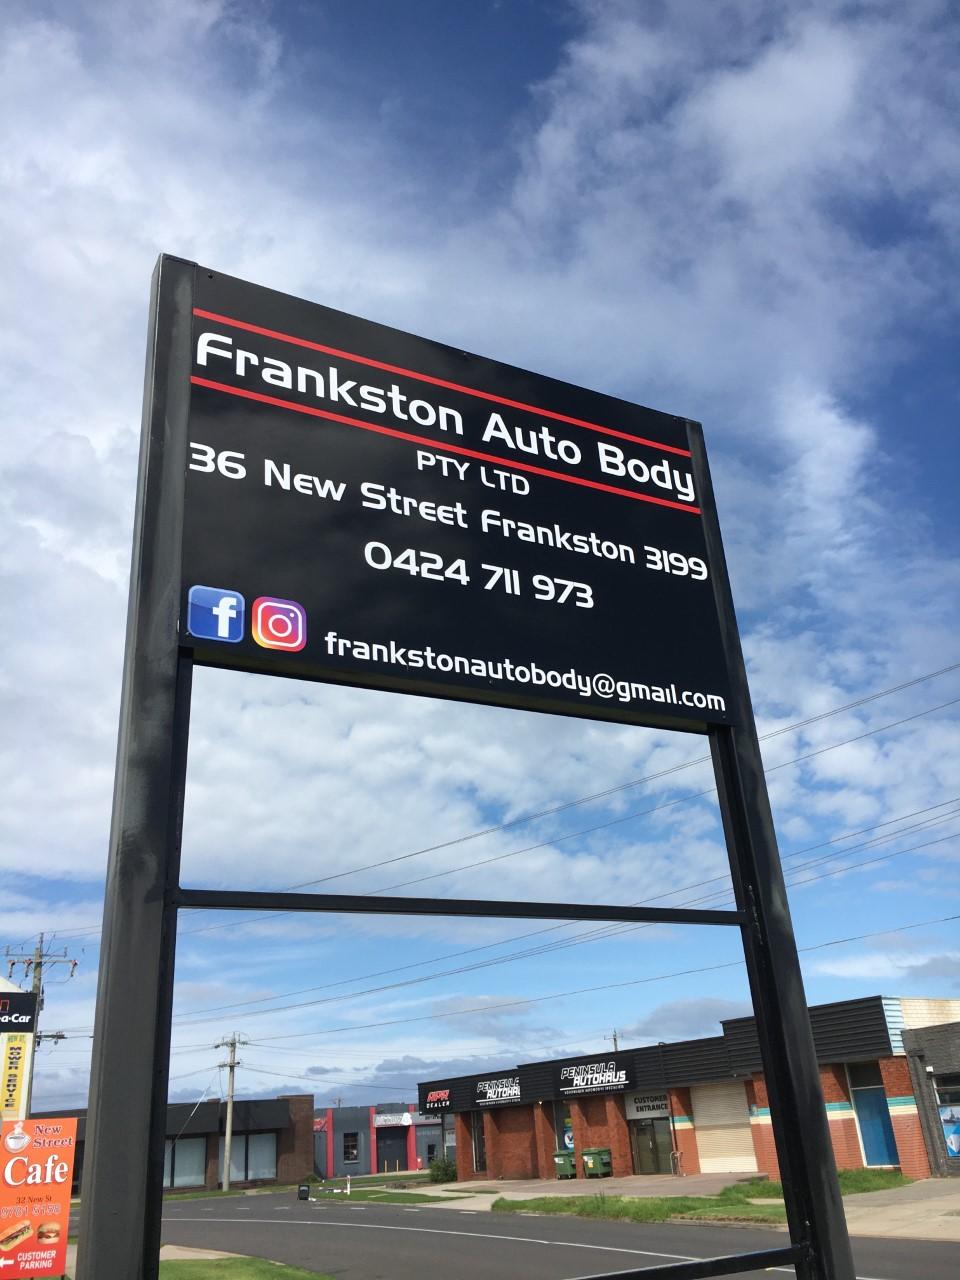 Frankston Auto Body PTY LTD Photos